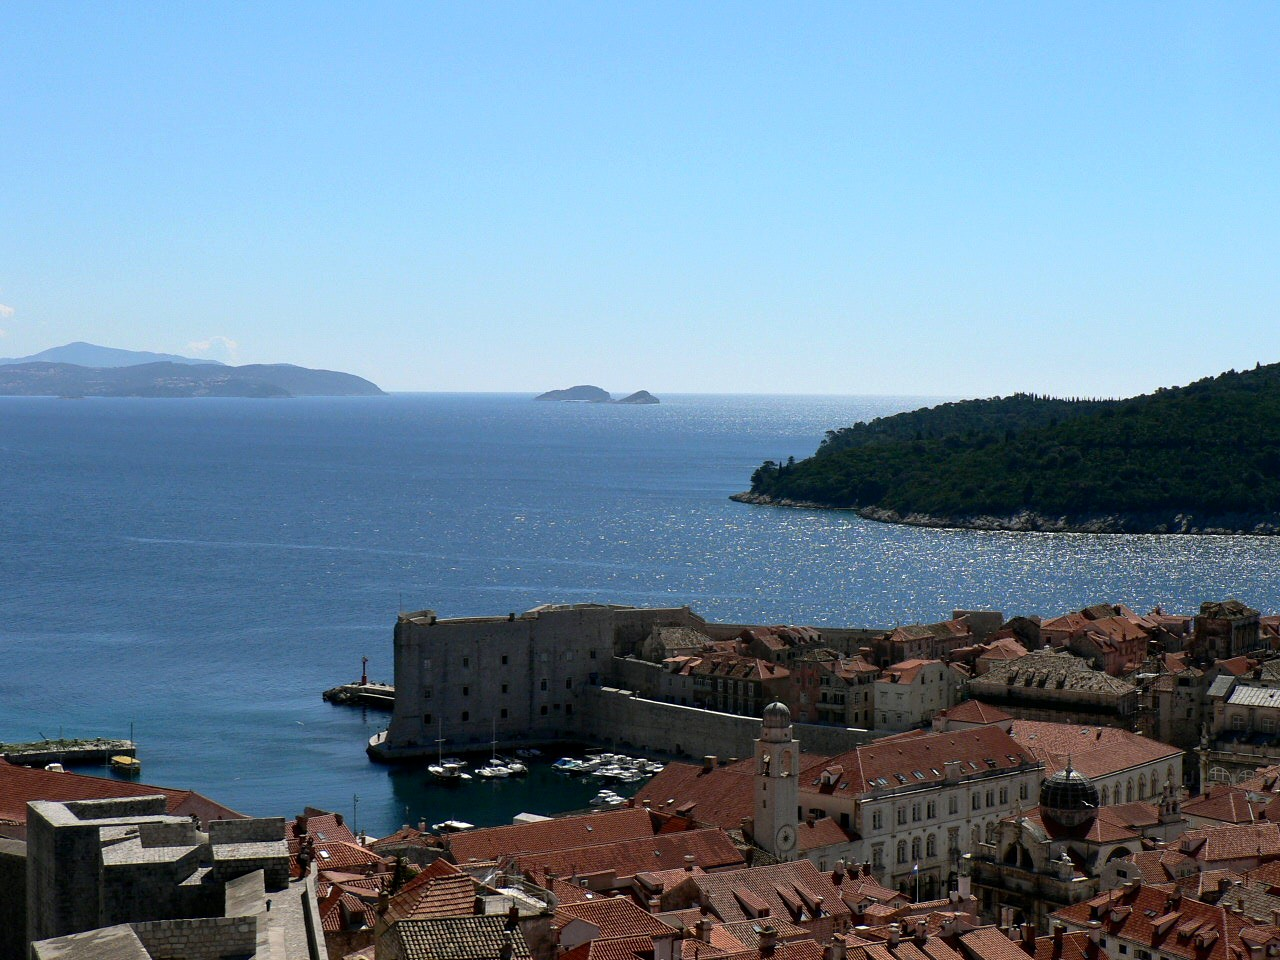 鮮やかな色の屋根と紺碧の海